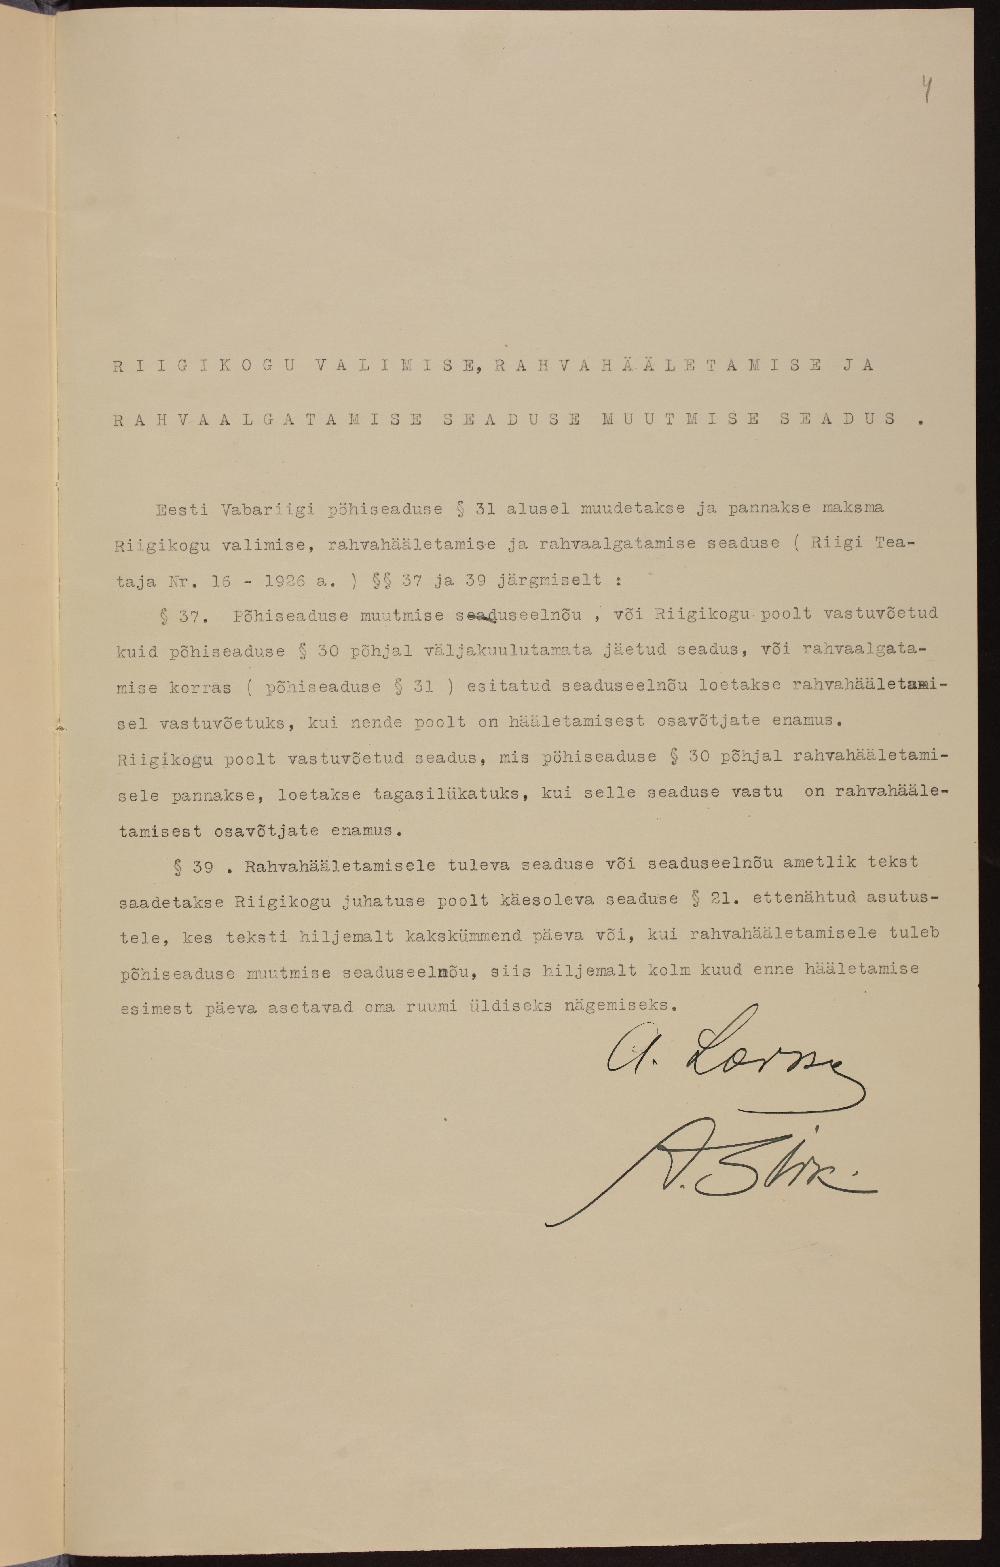 Riigikogu valimise, rahvahääletamise ja rahvaalgatuse seaduse muutmise seadus. Alla kirjutanud Andres Larka. ERA.80.4.1626.